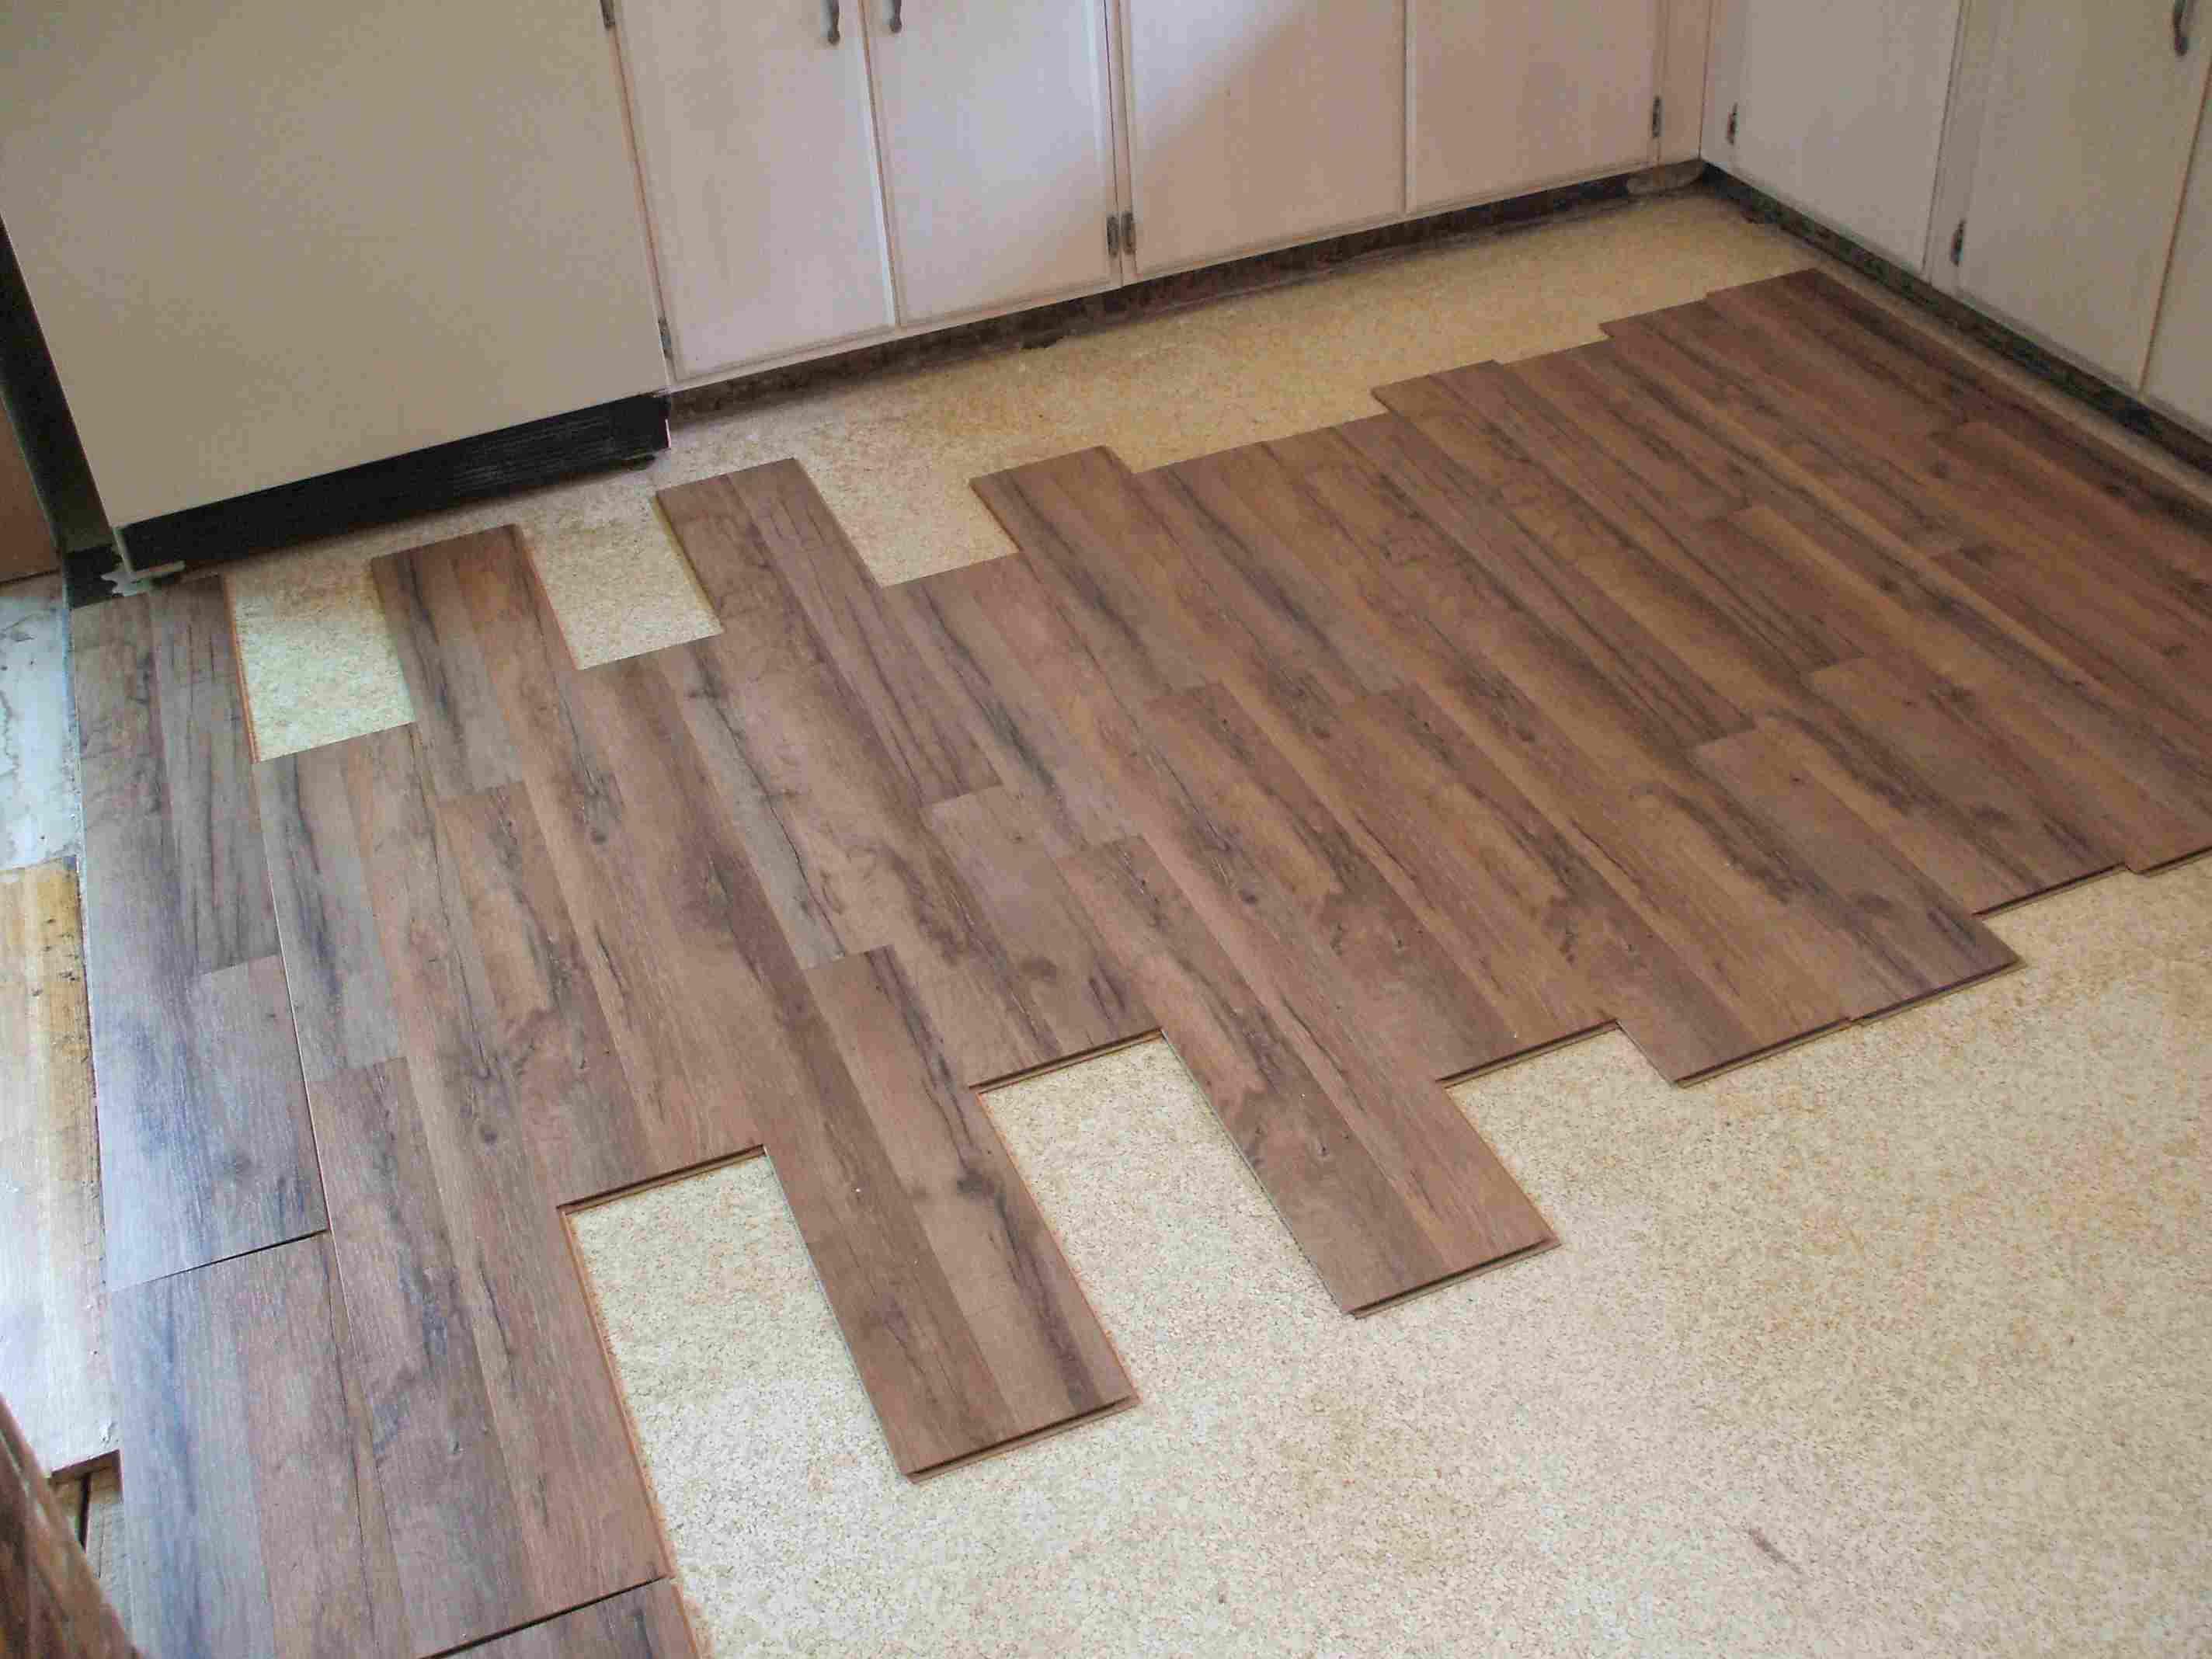 hardwood flooring cost calculator of laminate flooring installation made easy inside installing laminate eyeballing layout 56a49d075f9b58b7d0d7d693 jpg